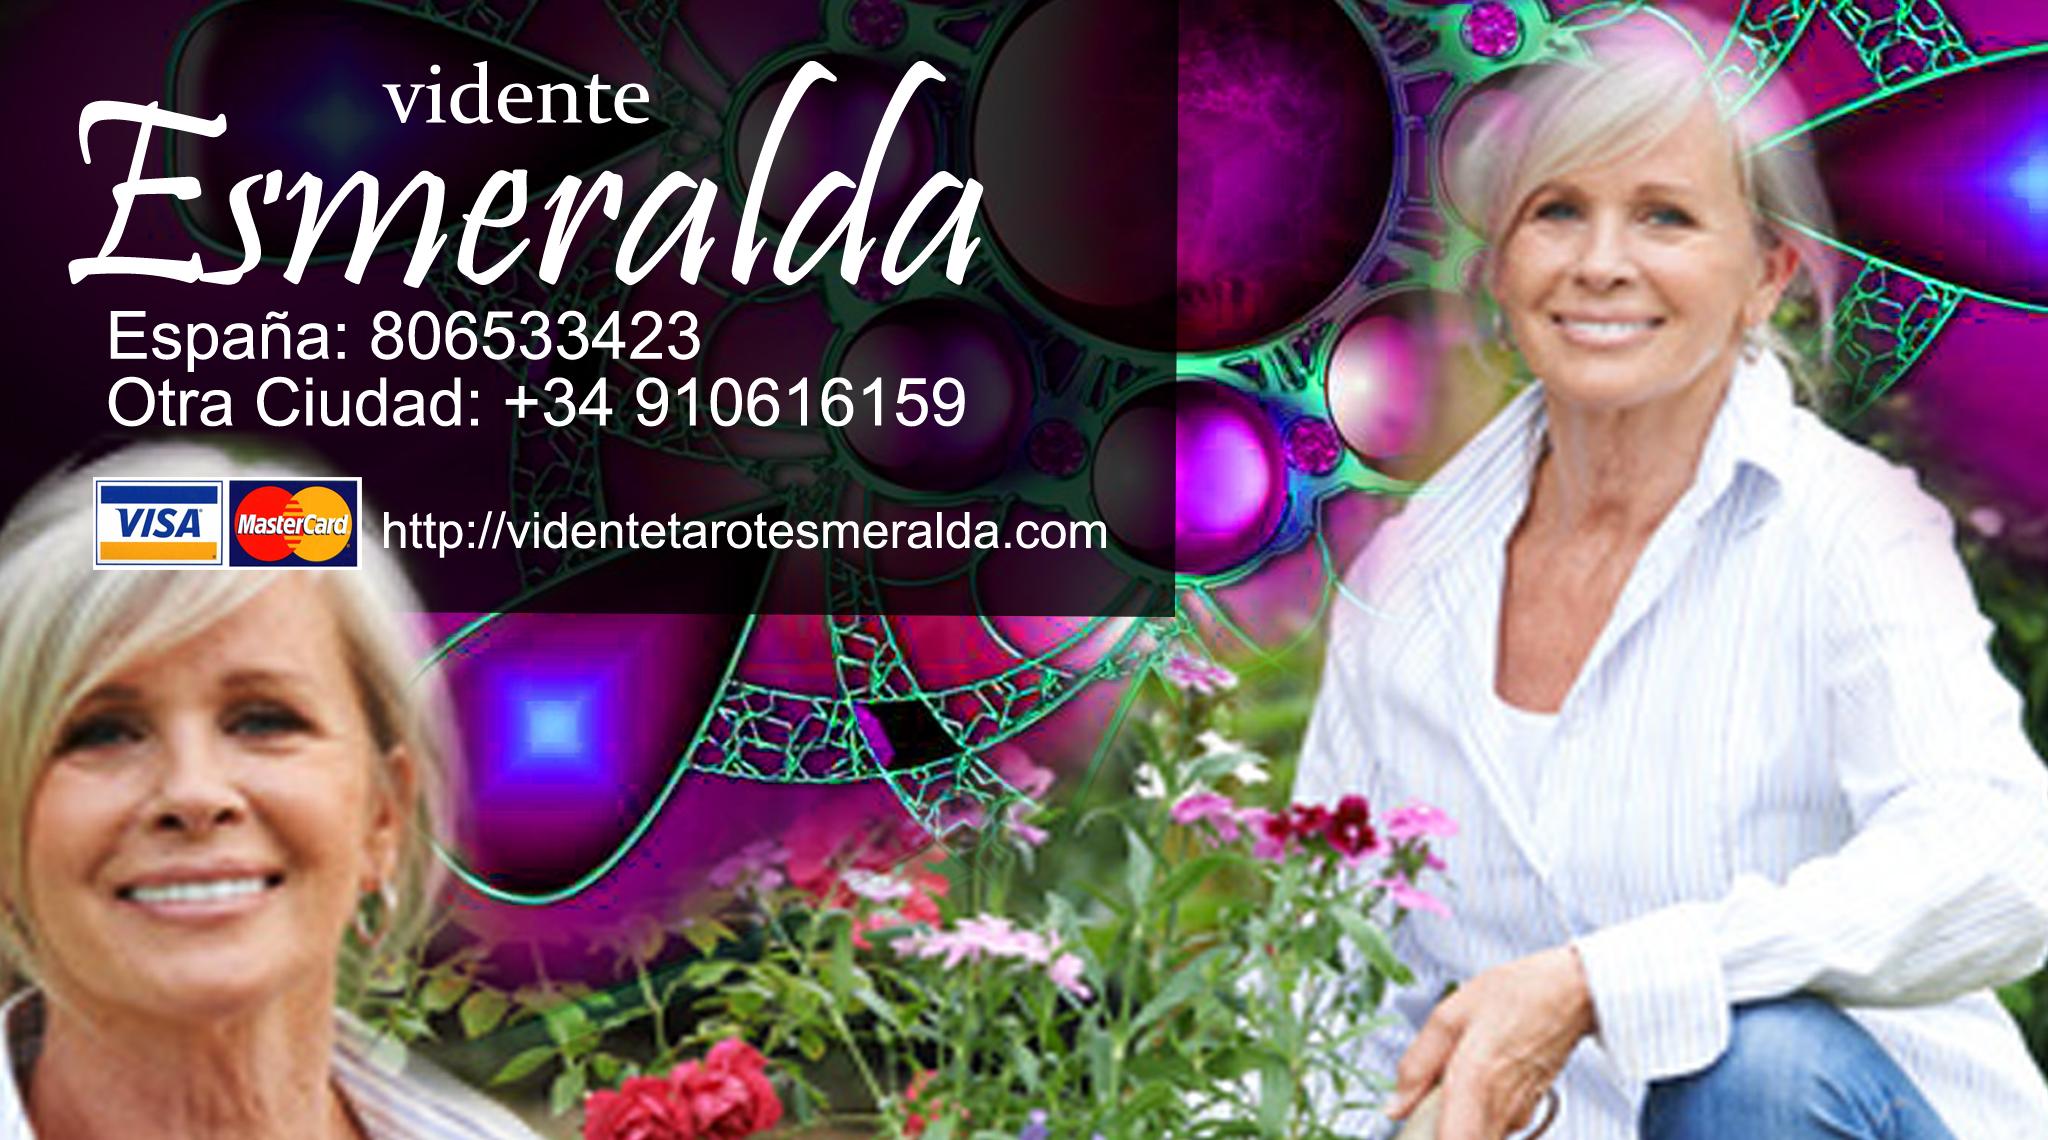 Esmeralda llanos